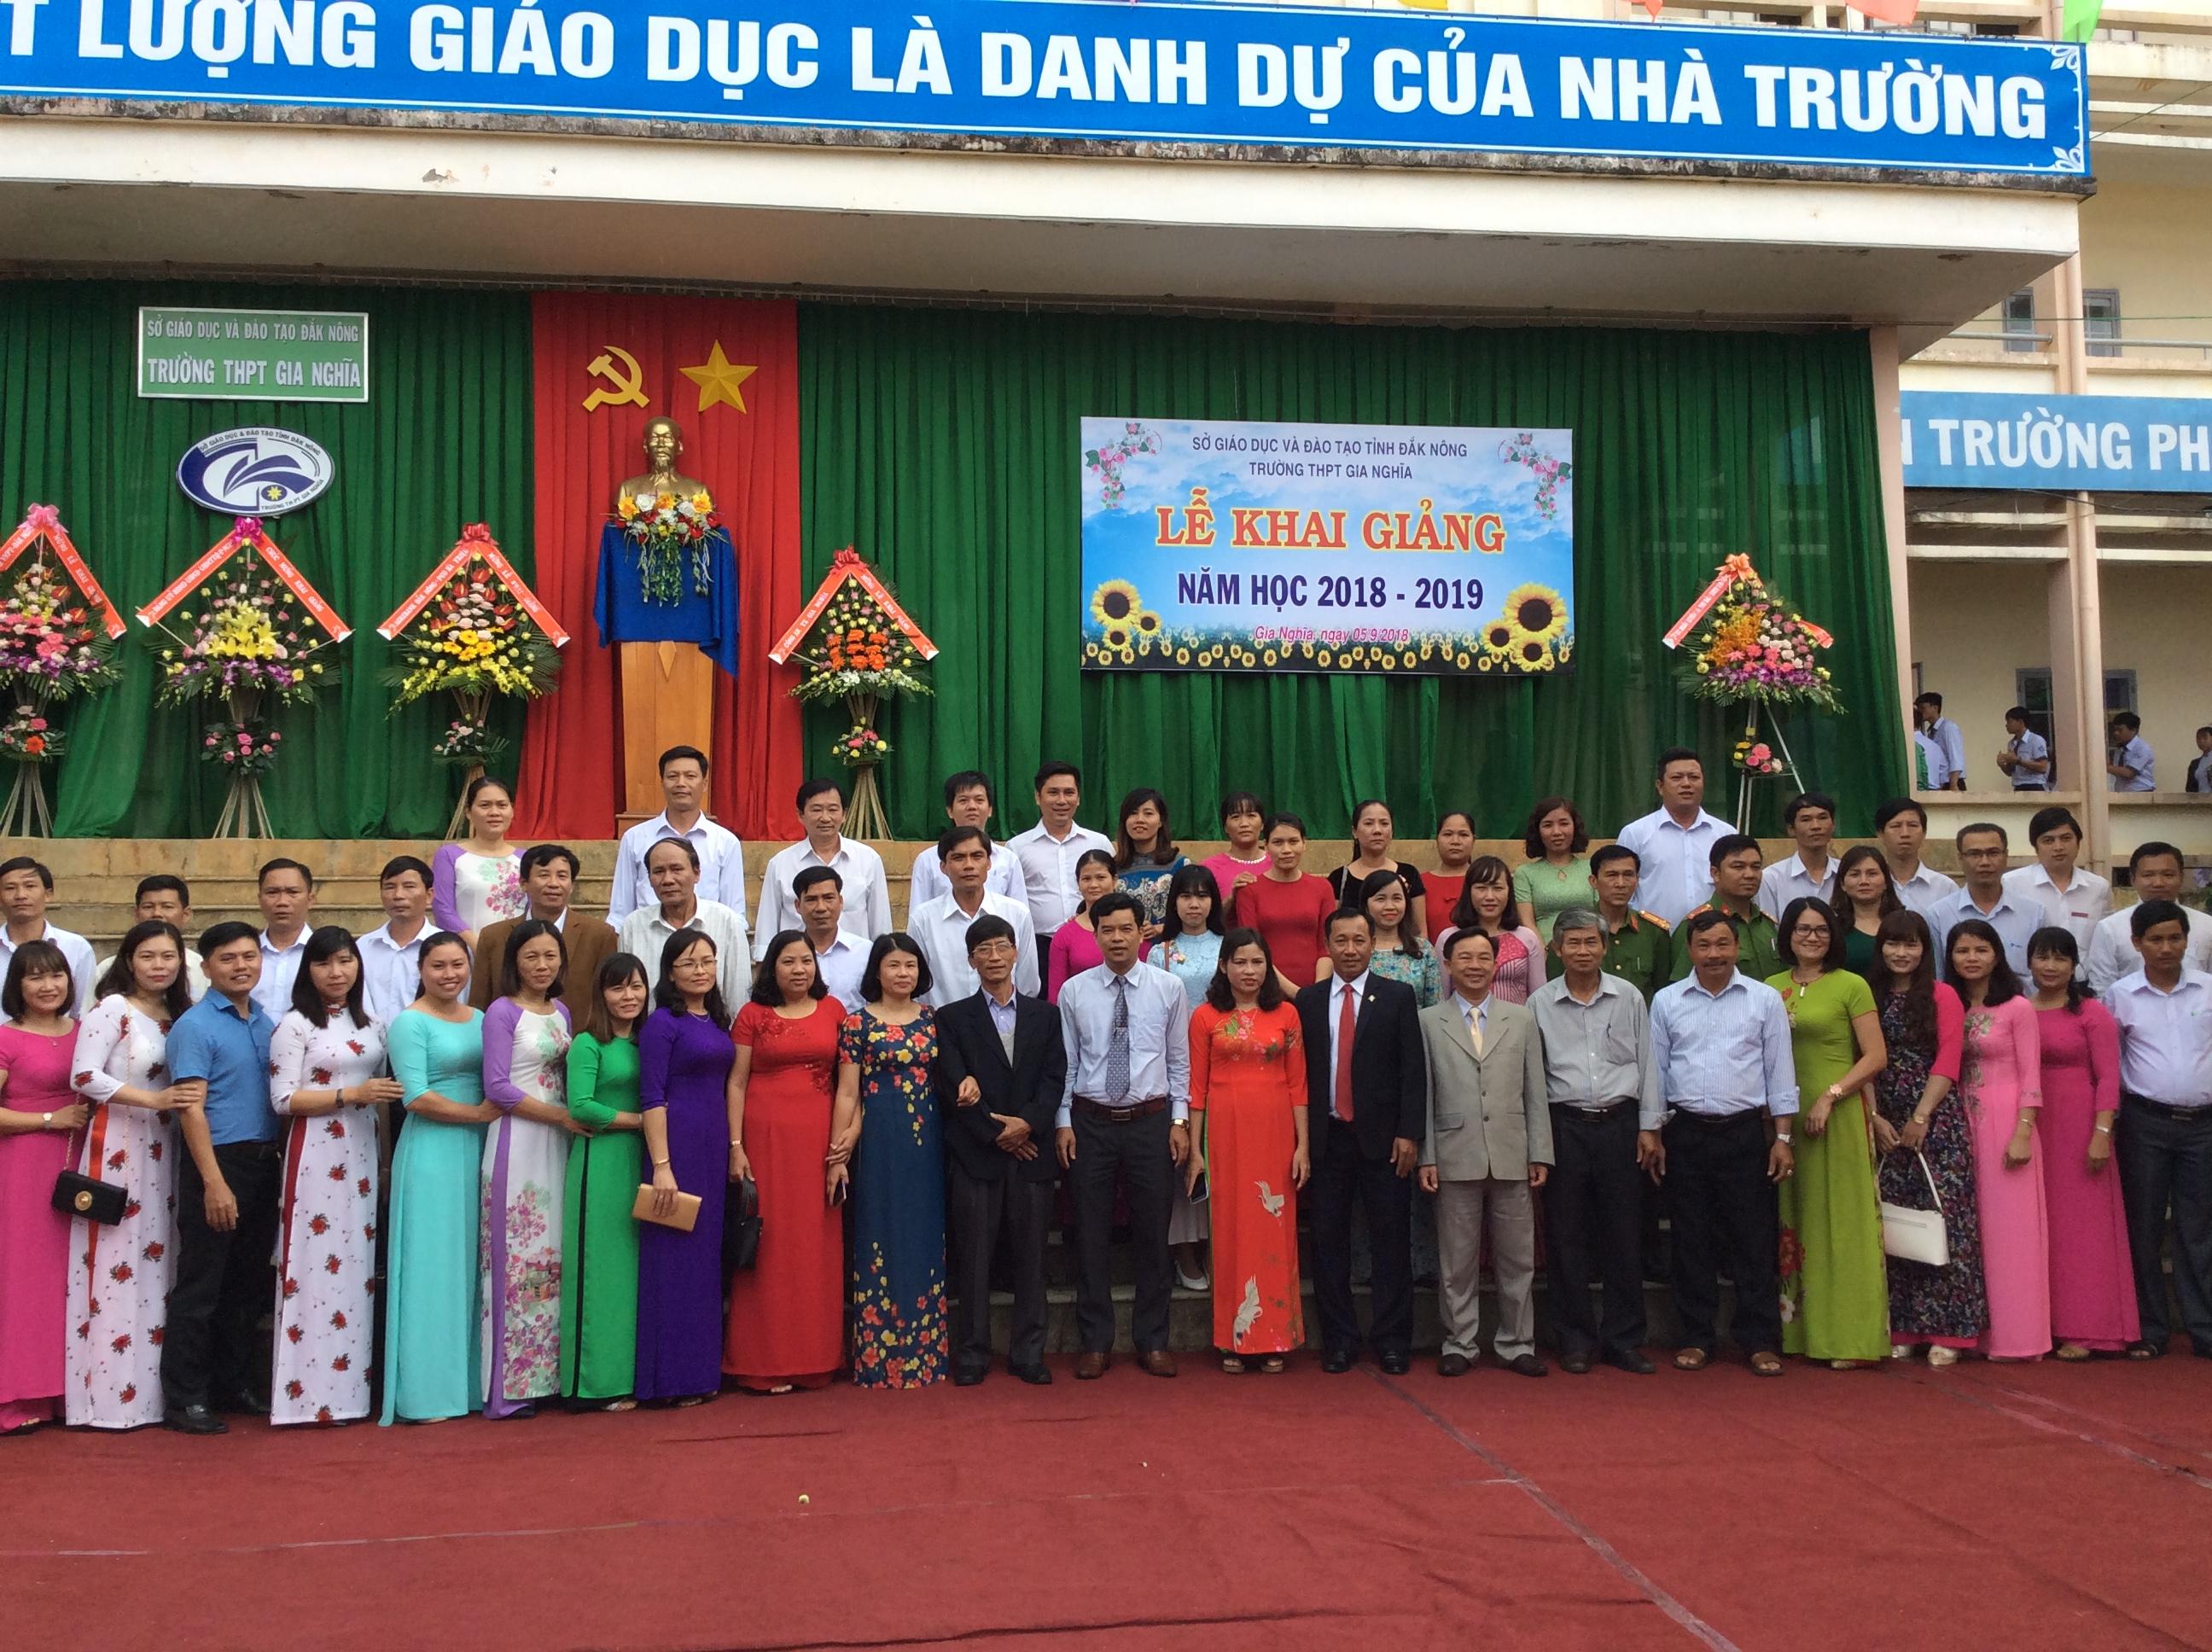 Trường THPT Gia Nghĩa long trọng tổ chức lễ khai giảng năm học 2018 – 2019